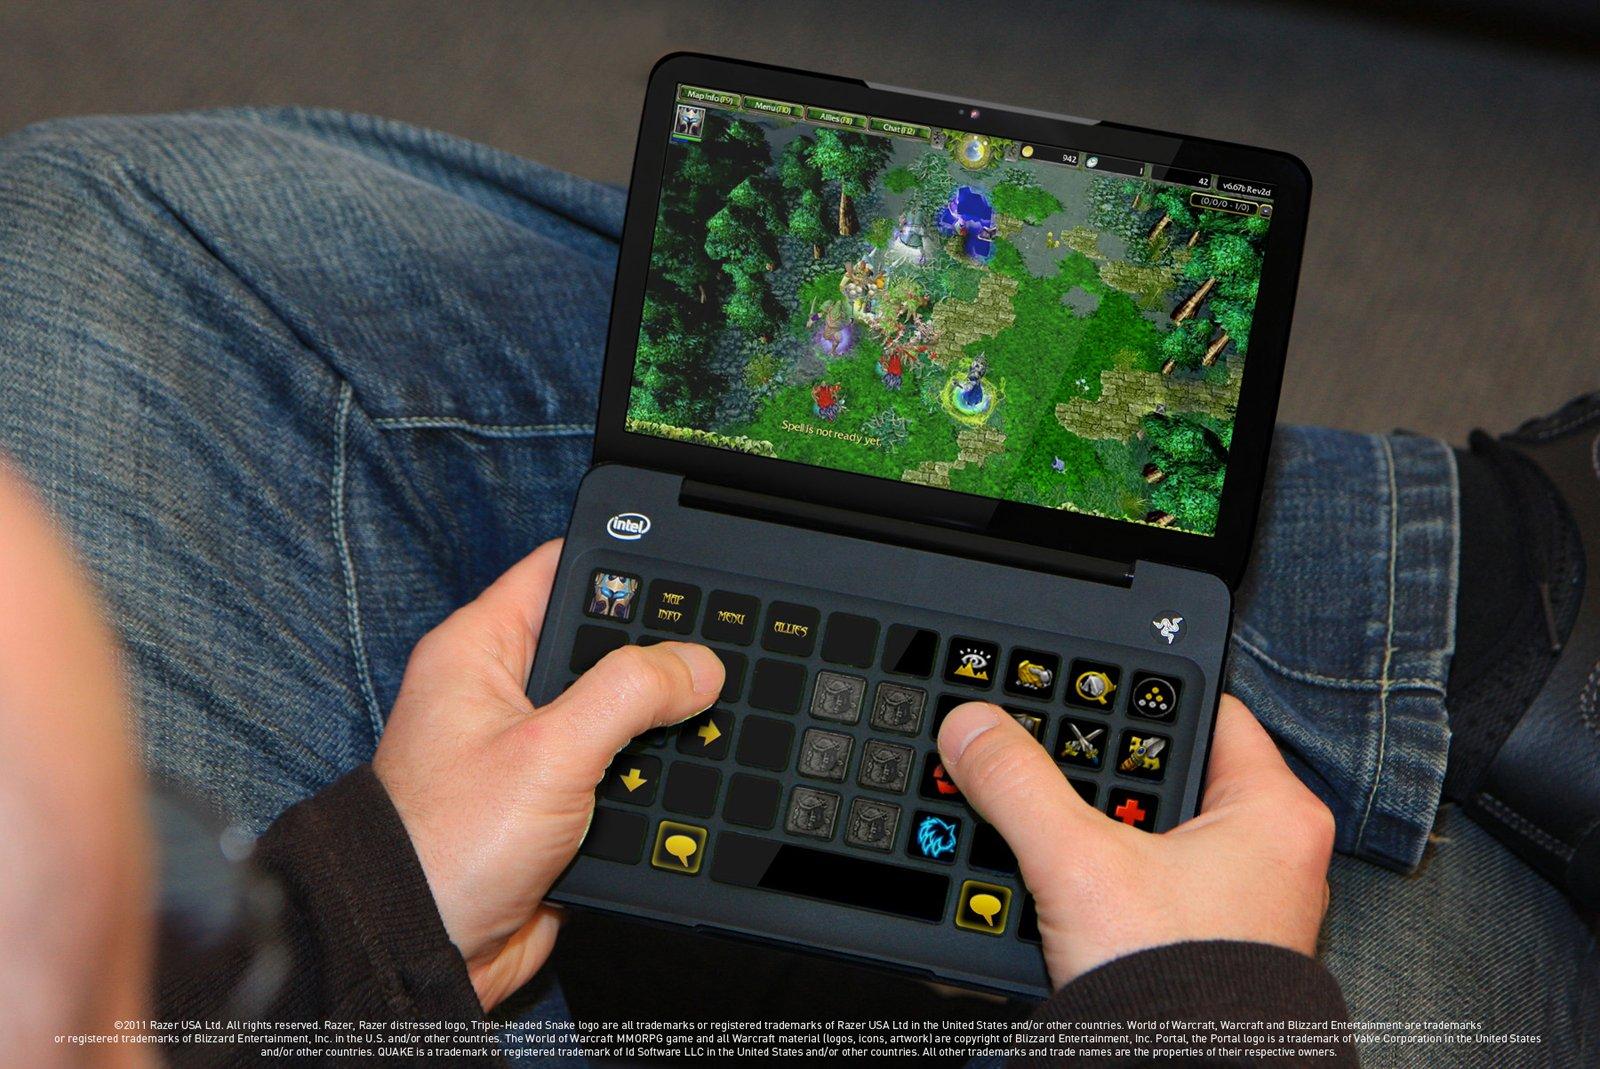 une console portable pour jouer aux jeux pc